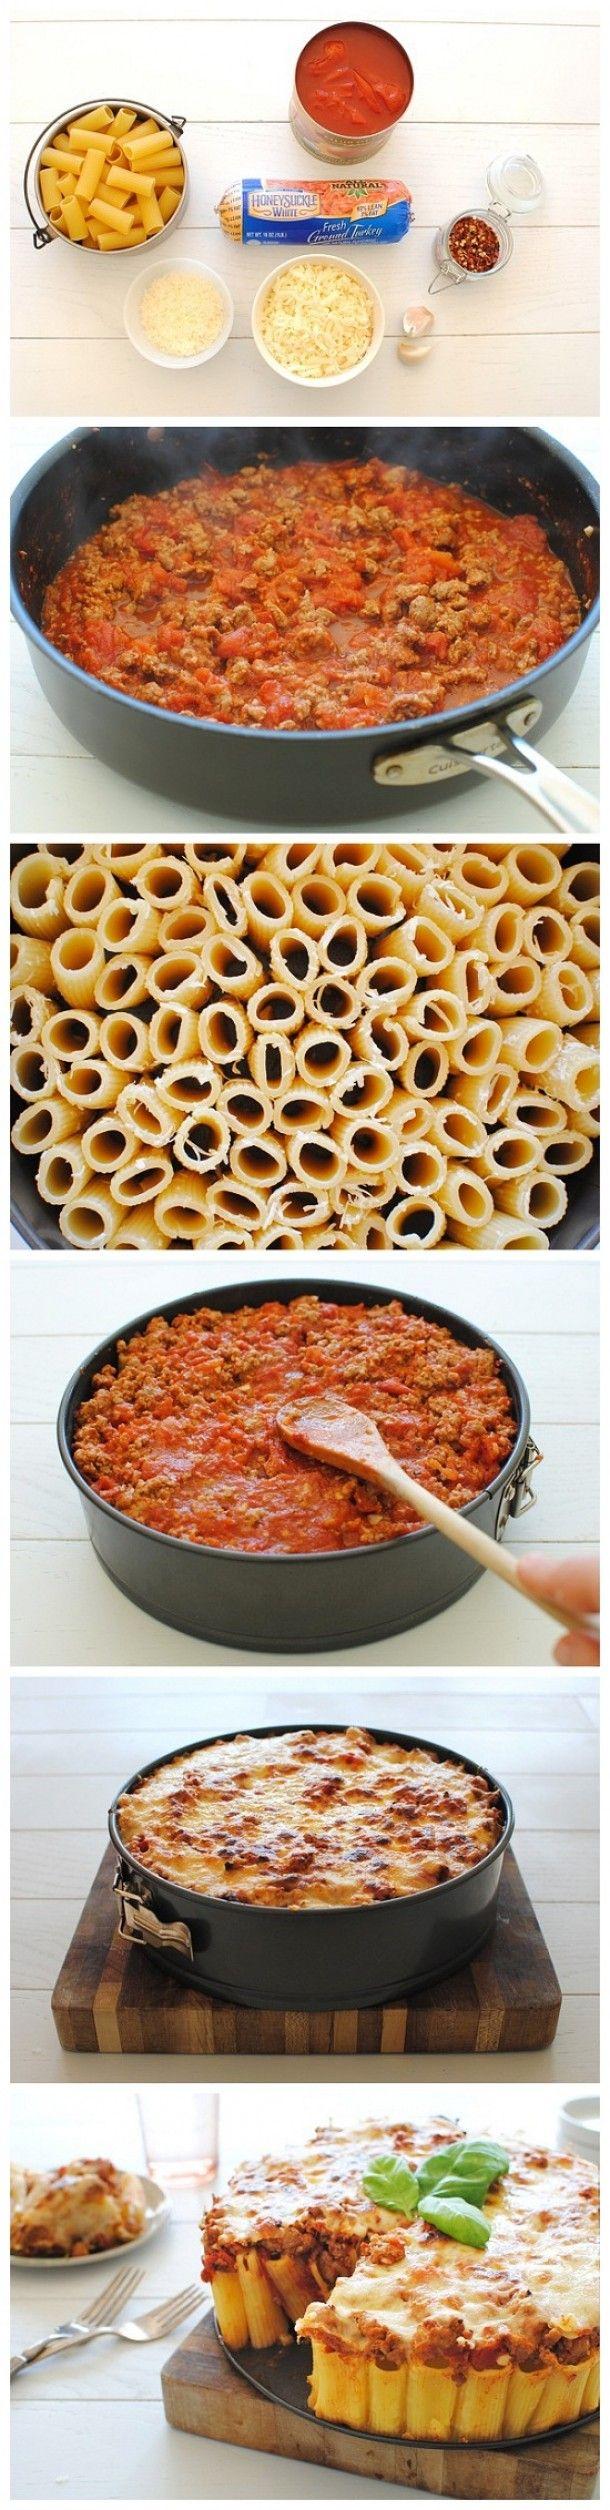 rigatoni pasta taart Door liesbethdeweerdt